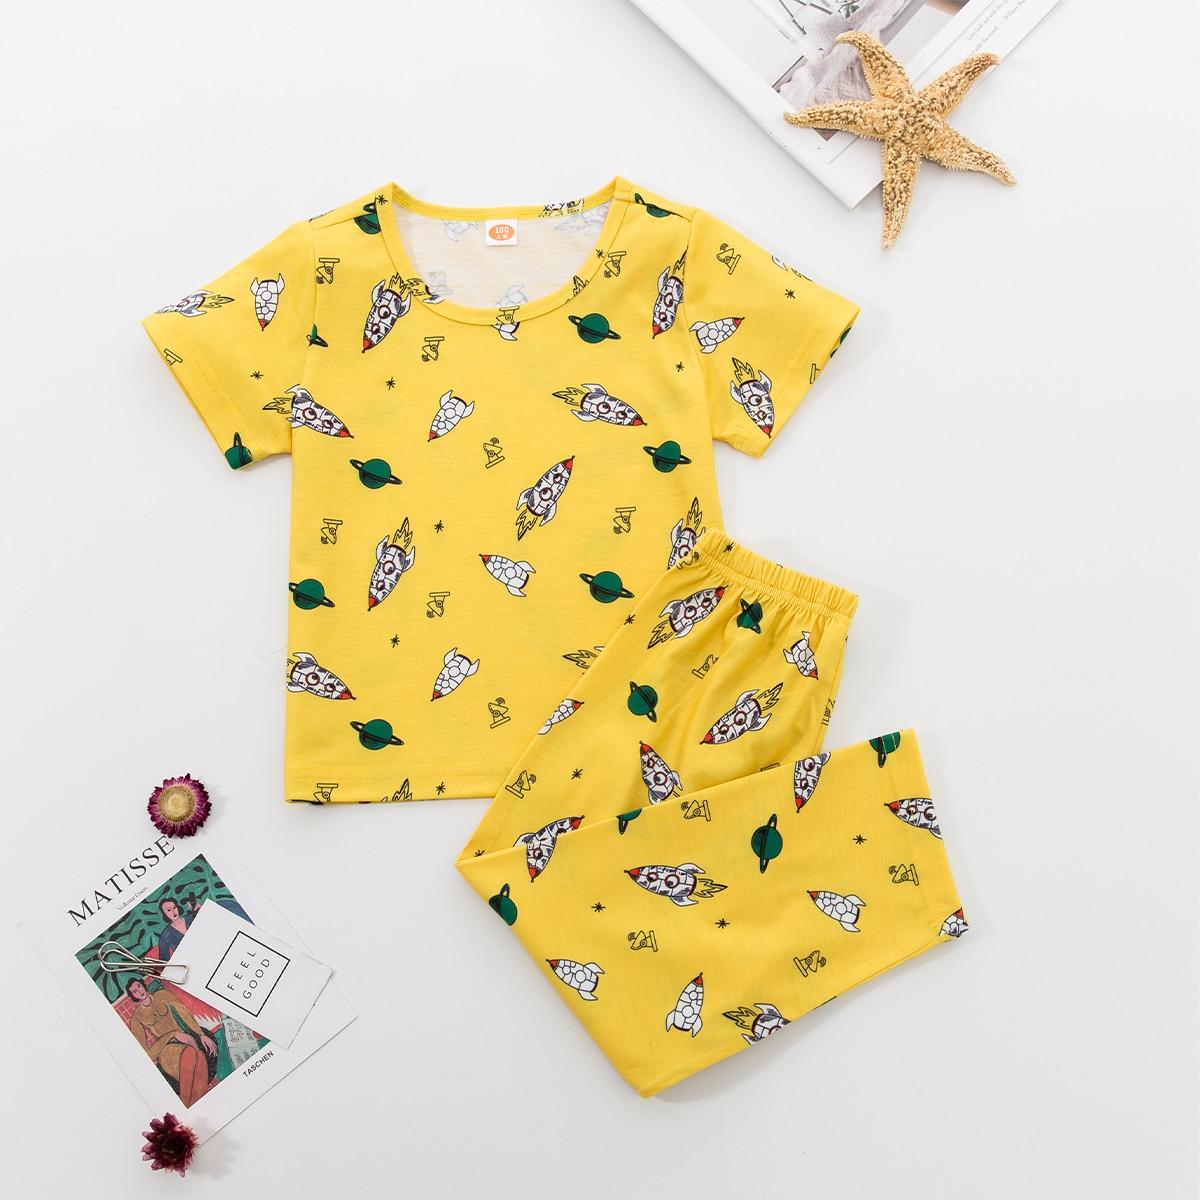 Принт всего тела милый домашняя одежда для мальчиков